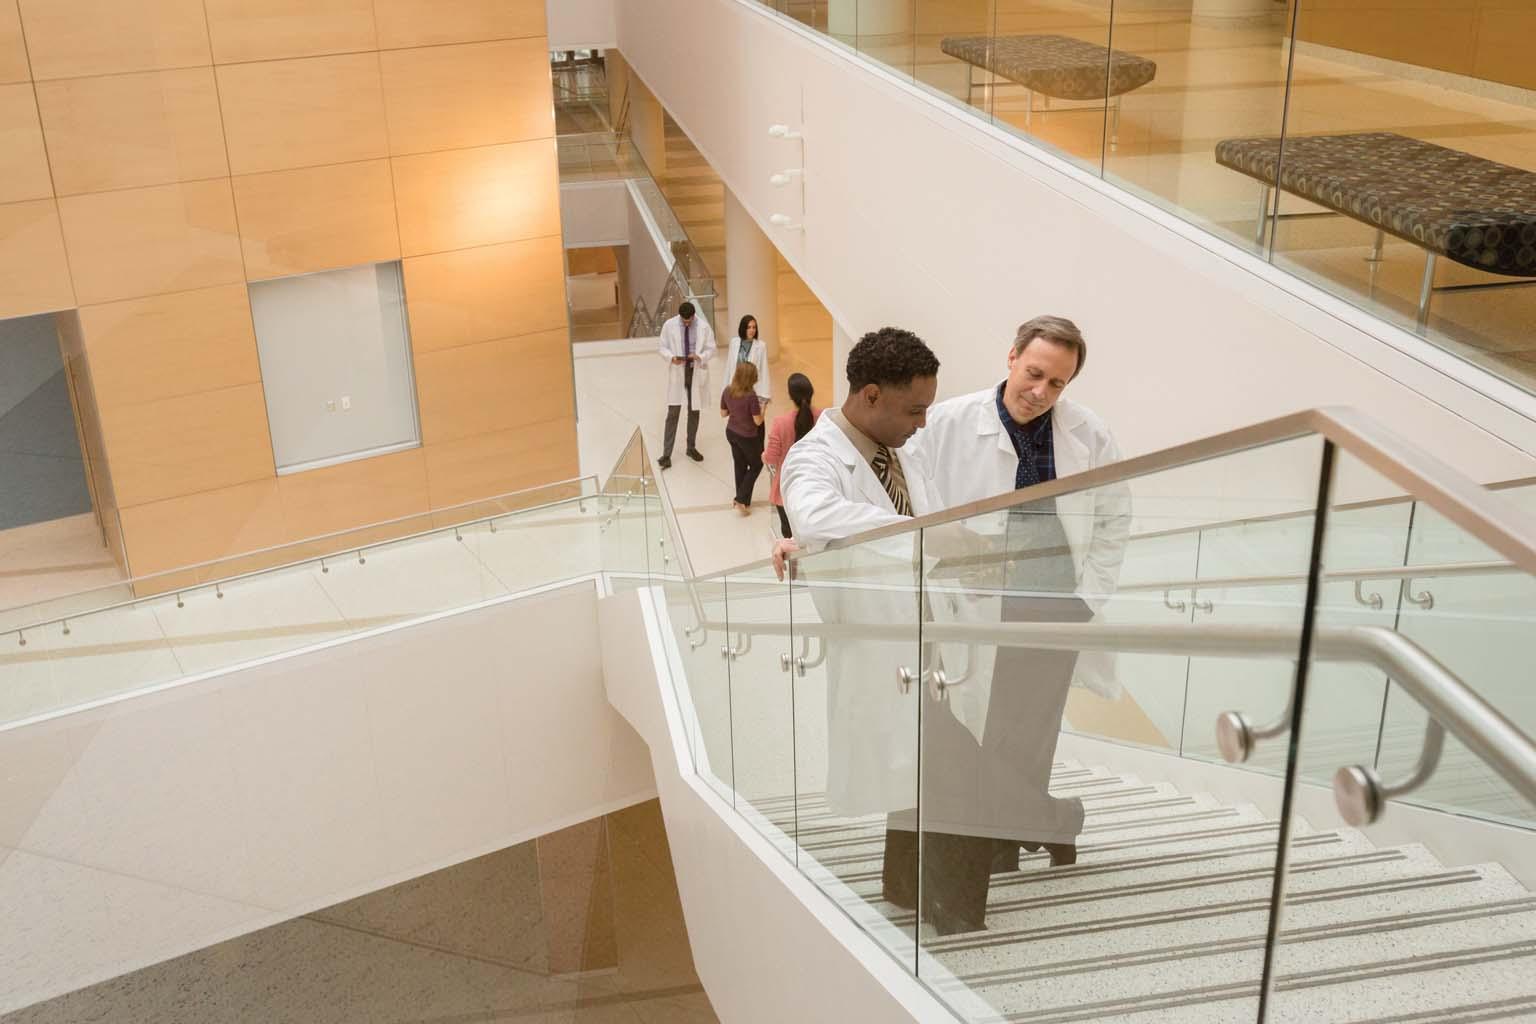 two doctors talking on stairway landing